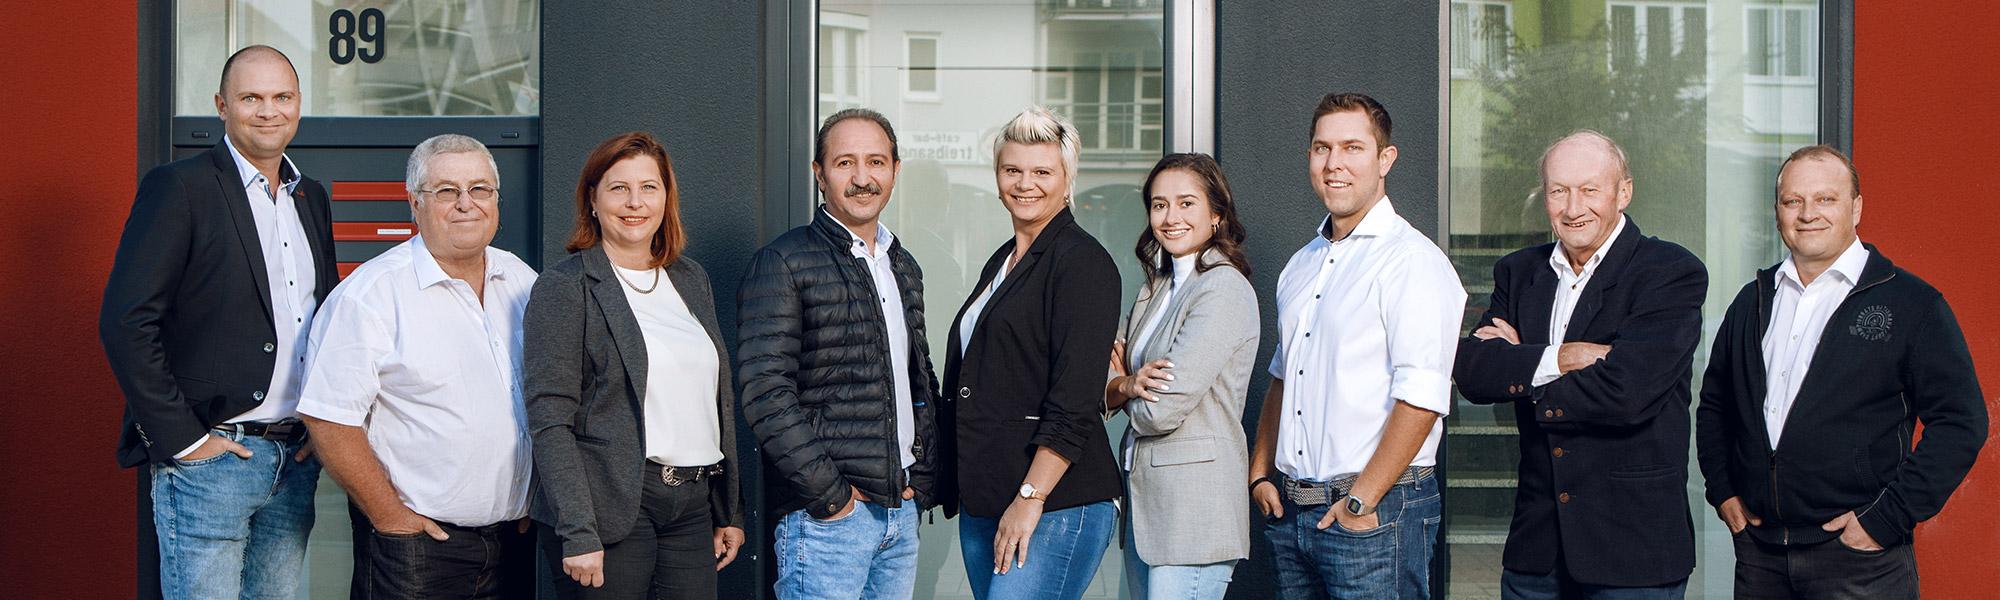 fairtrade personal Teambild